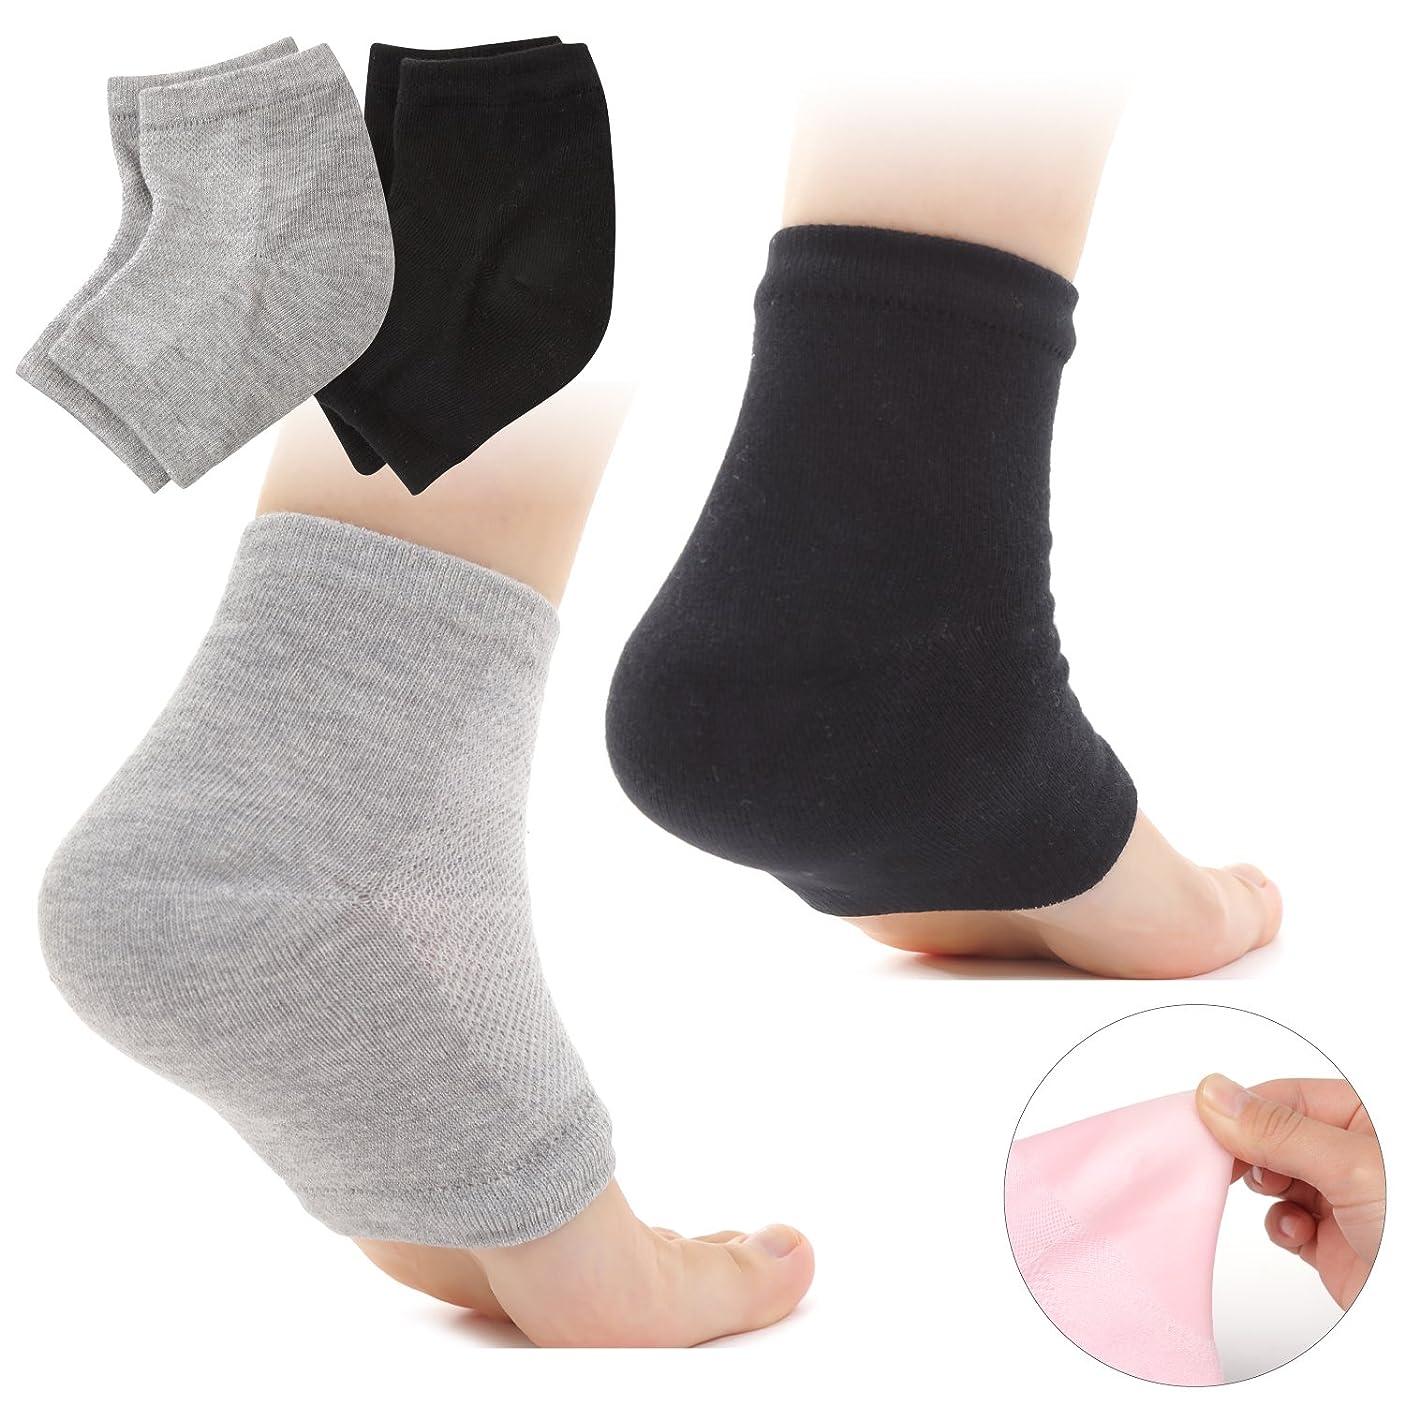 冊子リンス優先権Muiles かかと 靴下 ソックス 角質取り 保湿 ひび割れ かかとケア レディース メンズ 男女兼用【1足~3足】(2足セット グレー、ブラック)